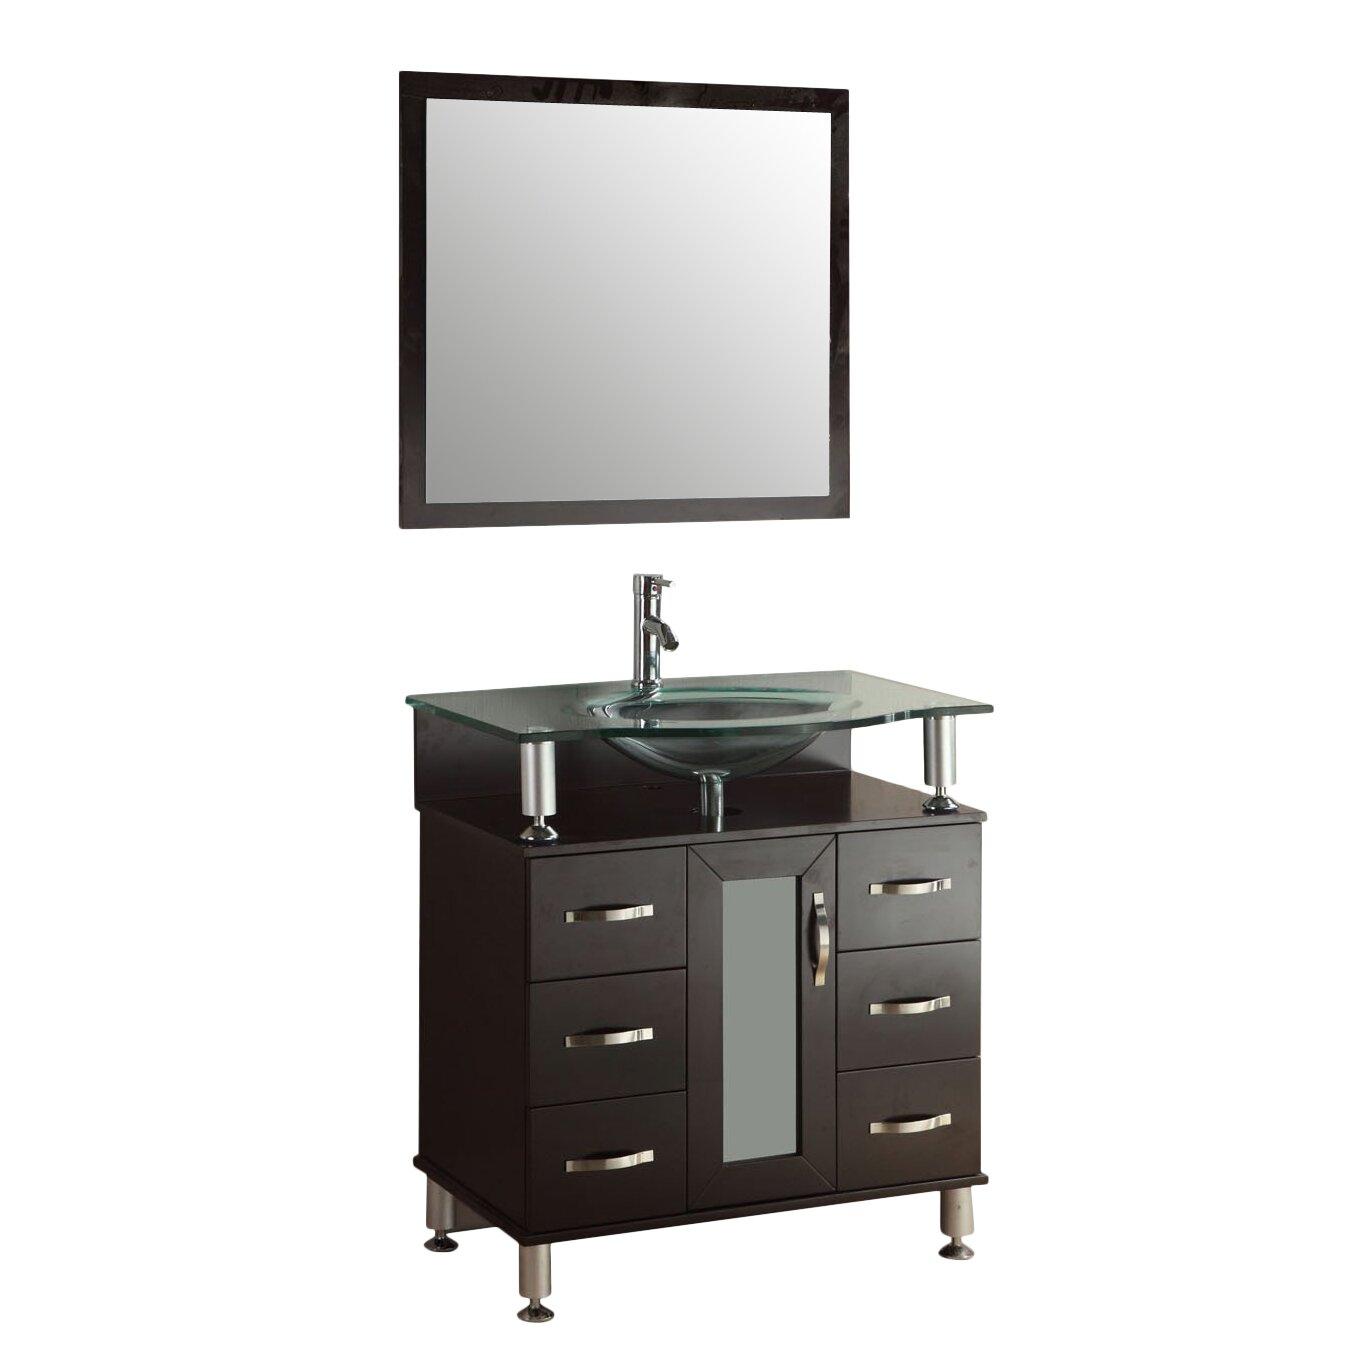 Kokols 36 Single Bathroom Vanity Set With Mirror Reviews Wayfair